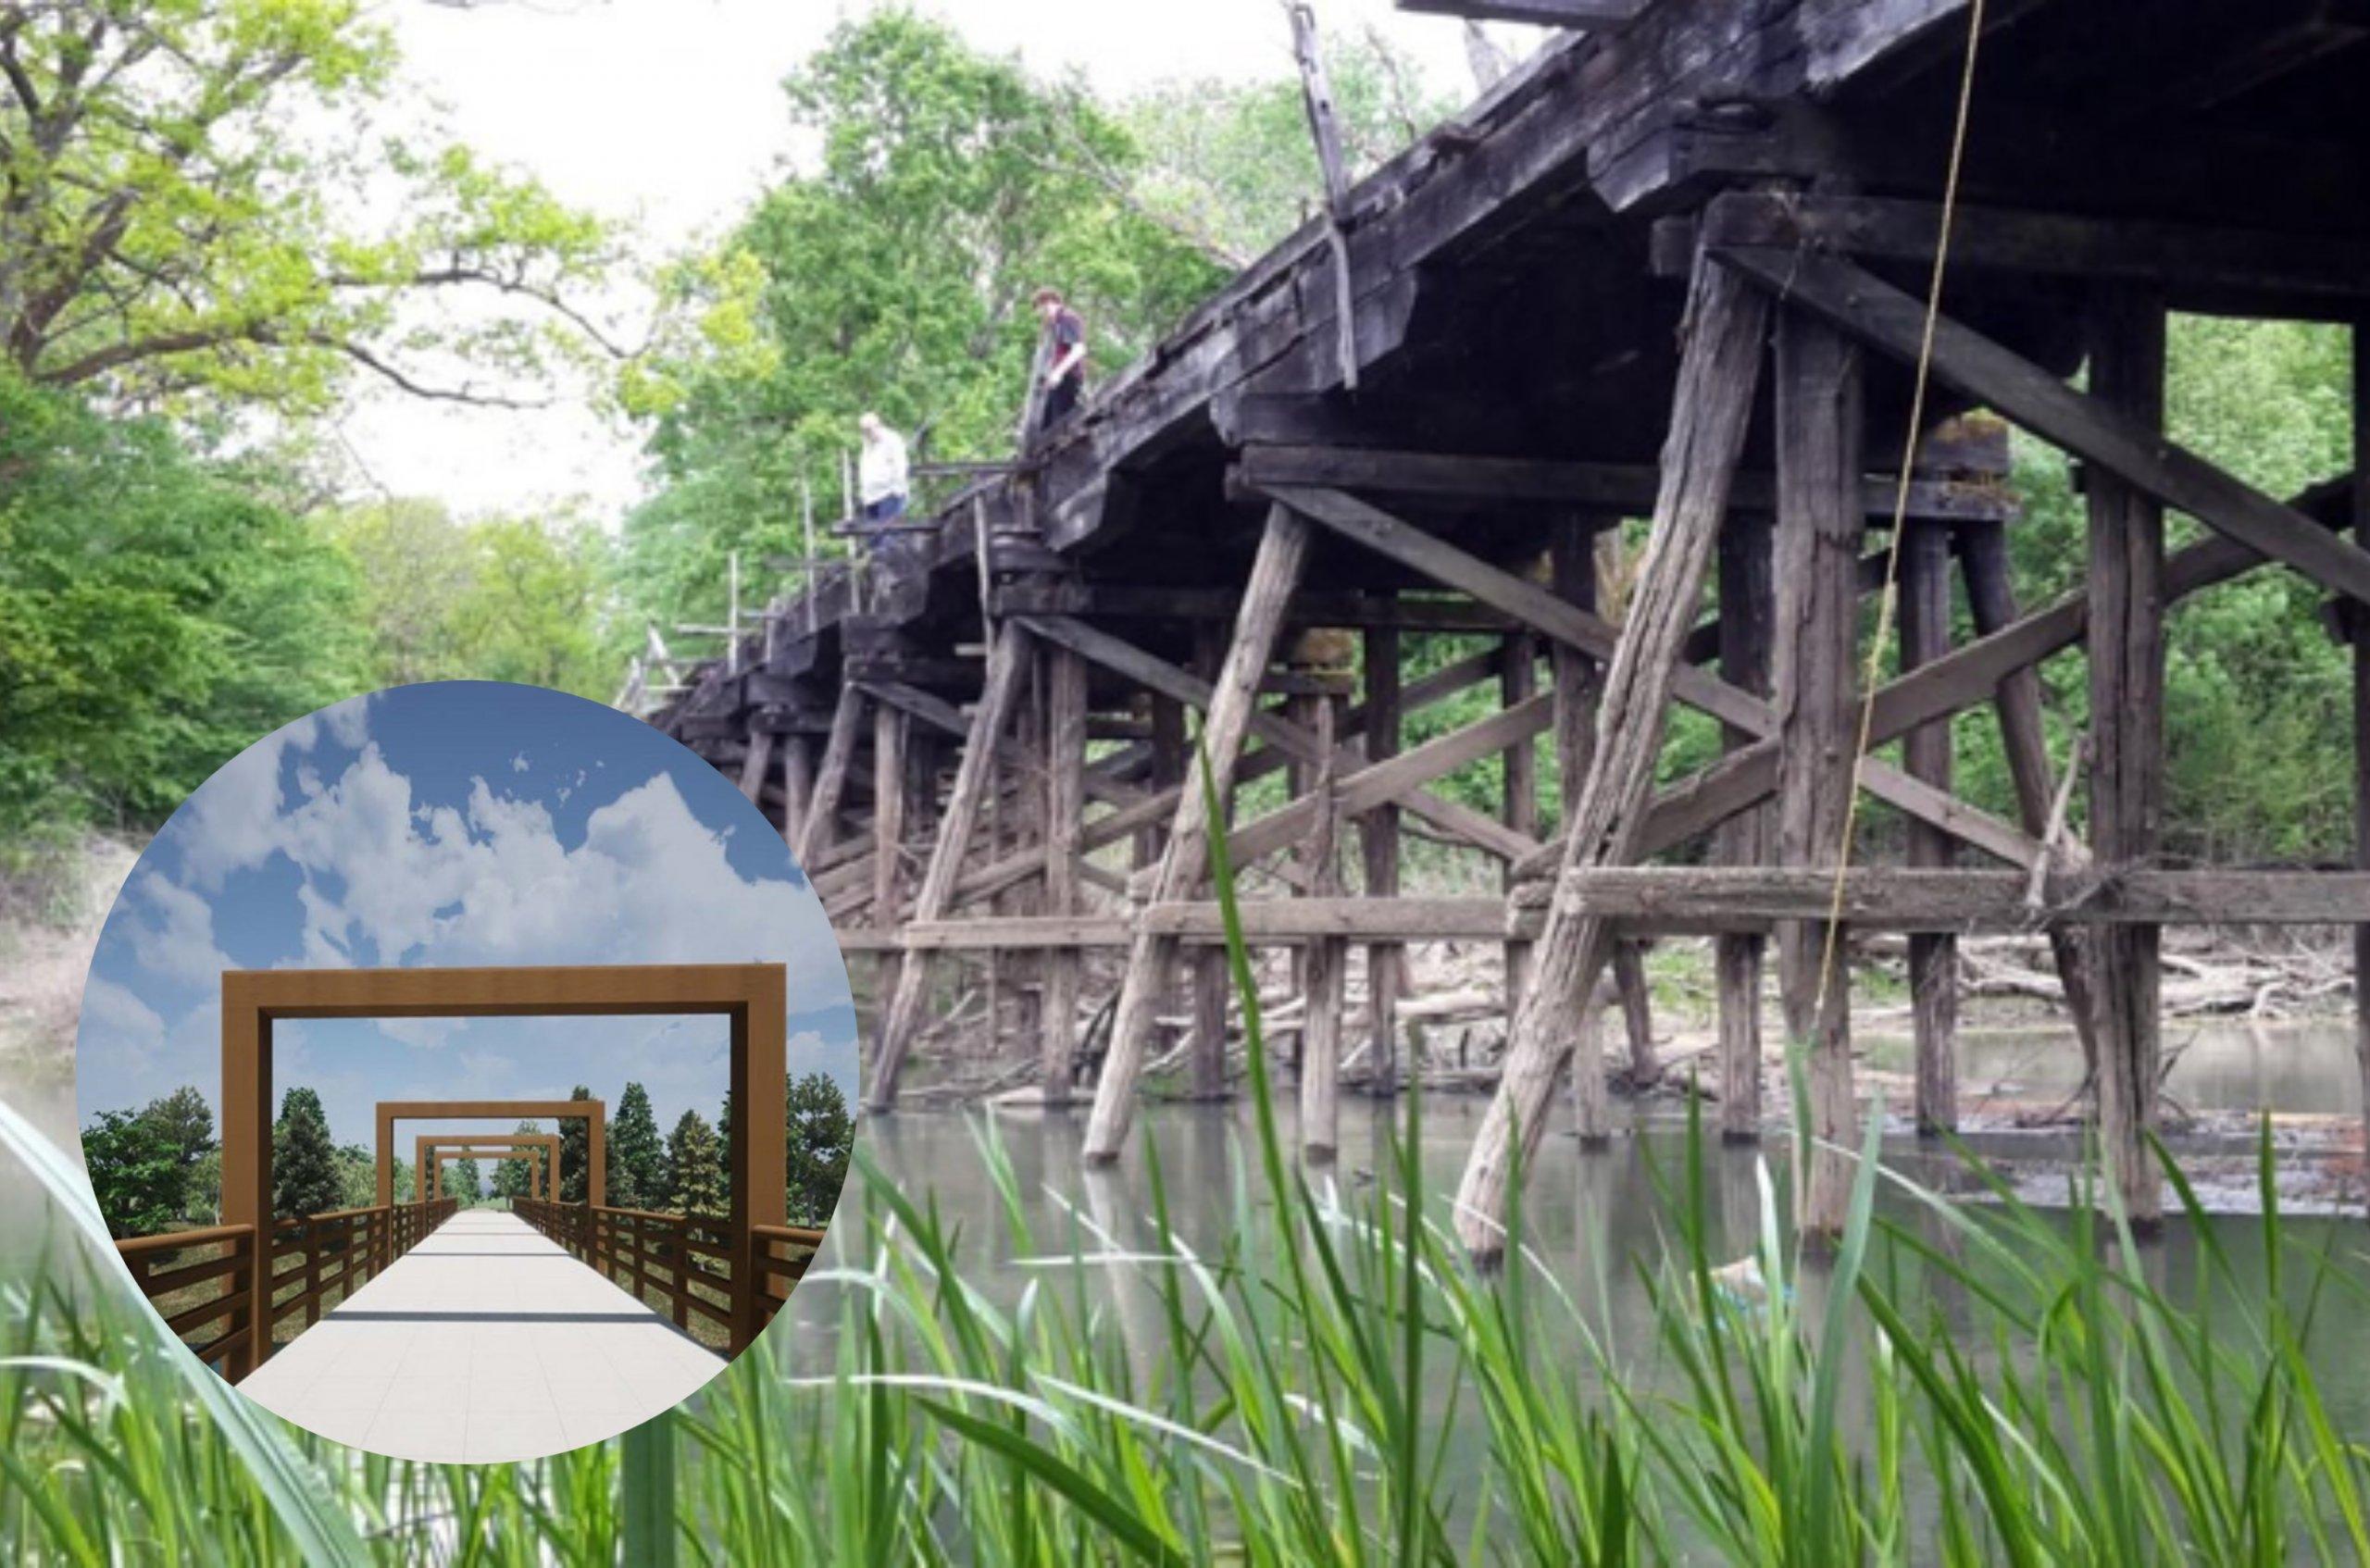 Konačno započinje izgradnja mosta koji je i više od toga: Nova konstrukcija napušta tradicionalnu izvedbu